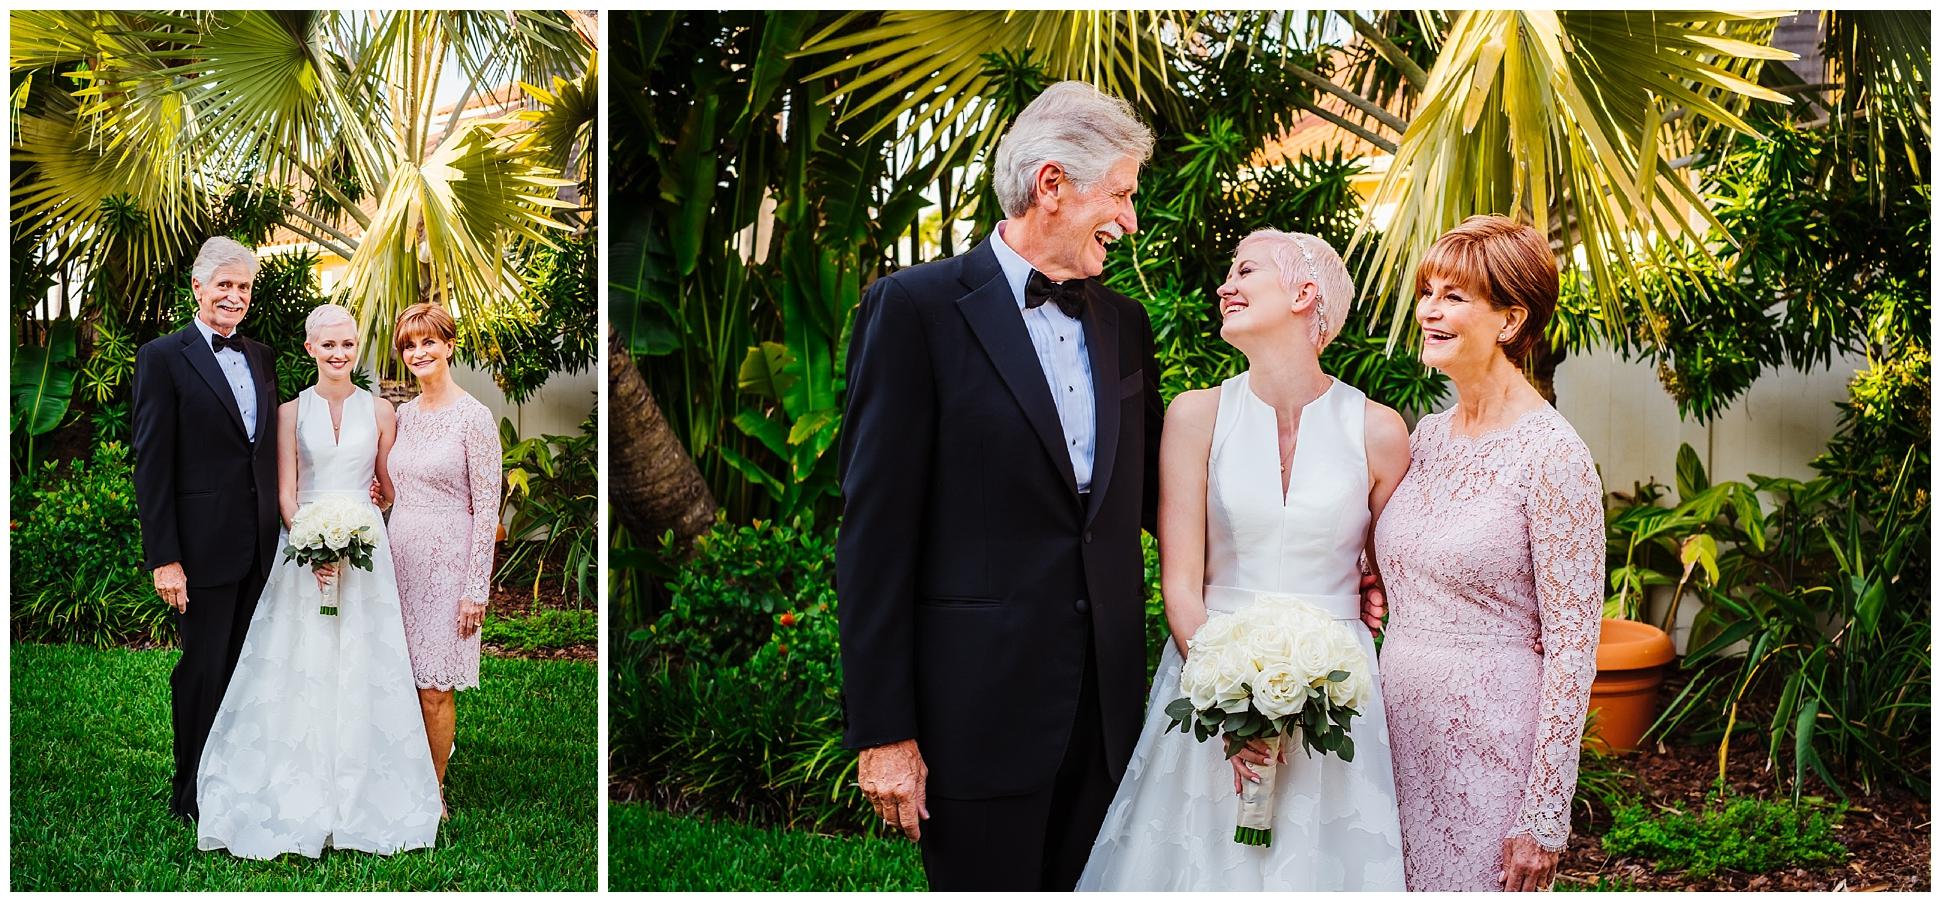 tierra-verde-st-pete-florida-home-luxury-wedding-greenery-pink-pixie-bride_0038.jpg